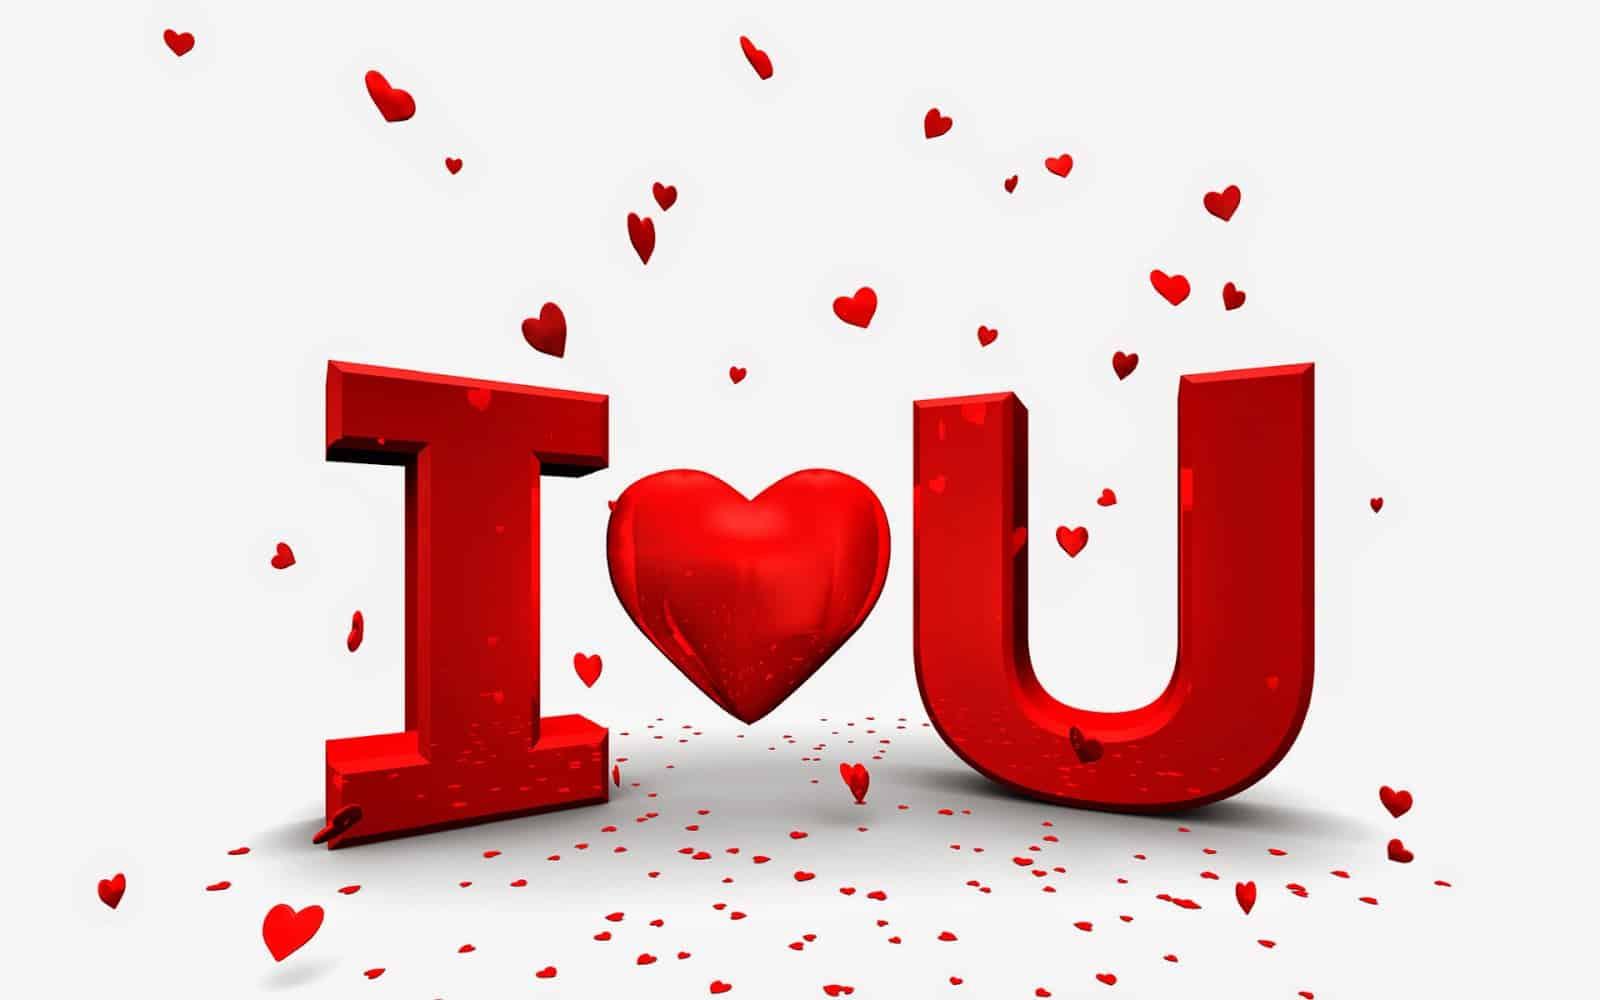 بالصور رسائل عيد الحب , اروع رسايل عيد الحب 5841